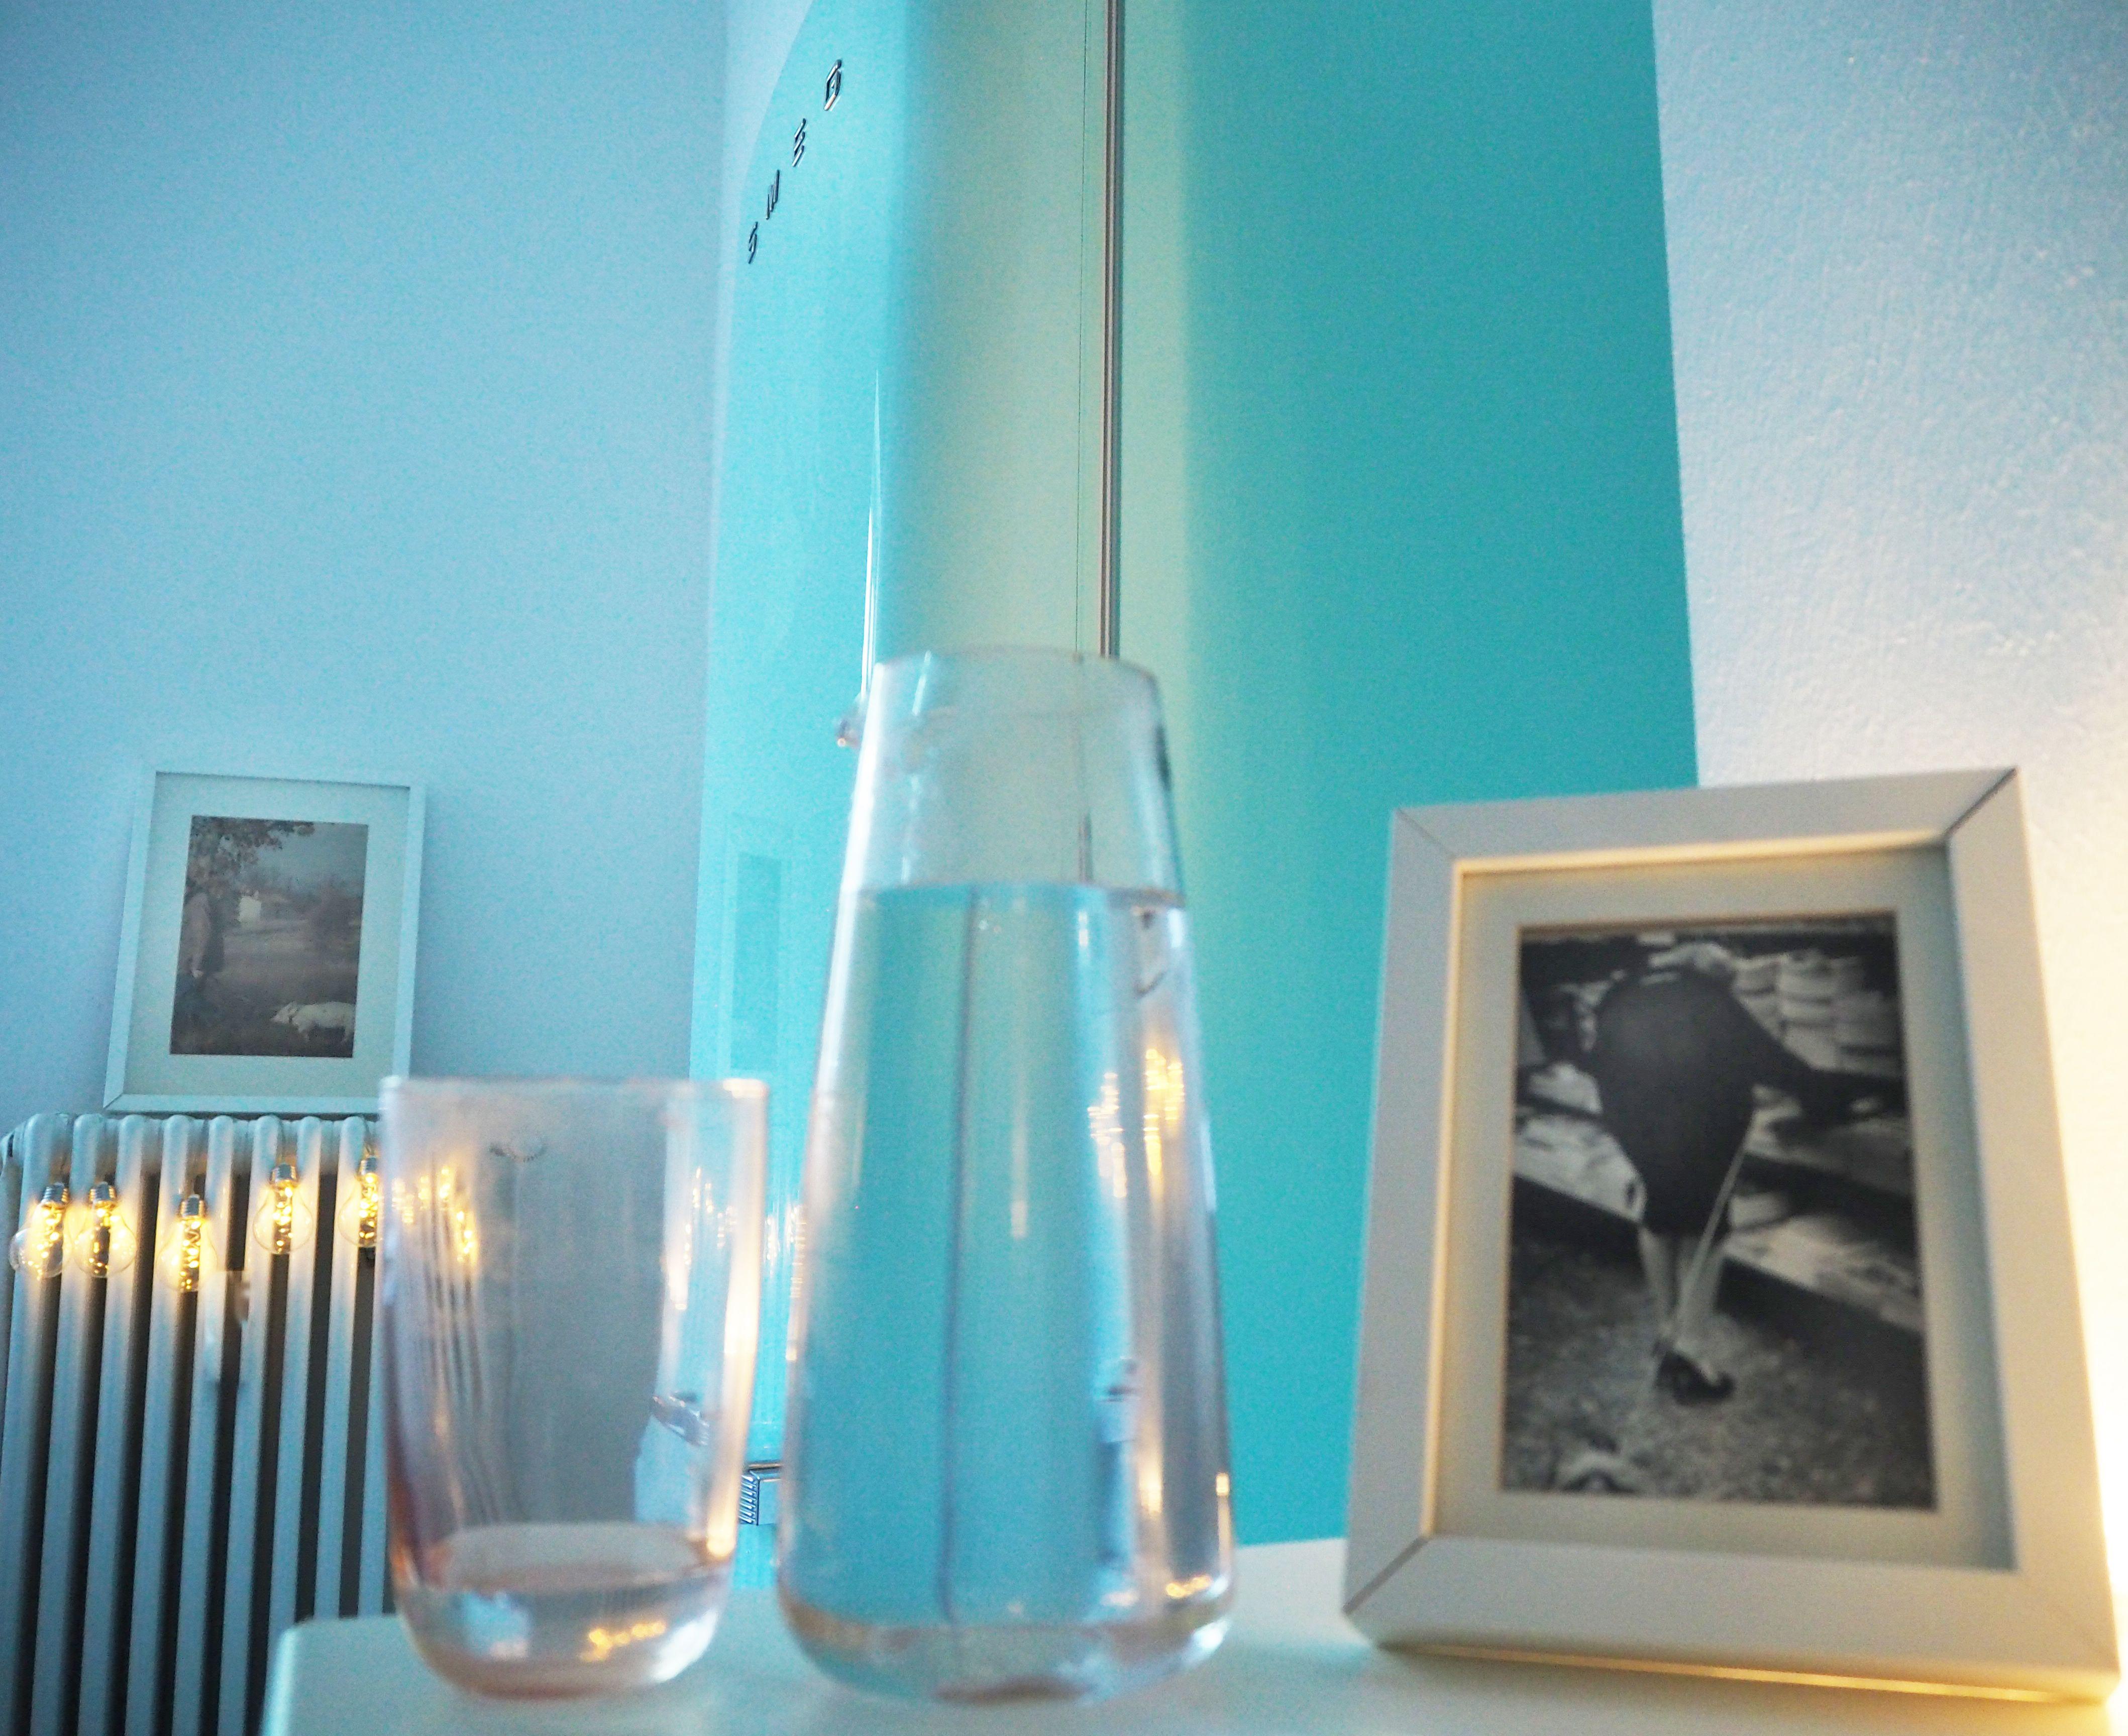 Gorenje Kühlschrank Kondenswasser Läuft Nicht Ab : Smeg kühlschrank wasser läuft nicht ab abfluss kühlschrank